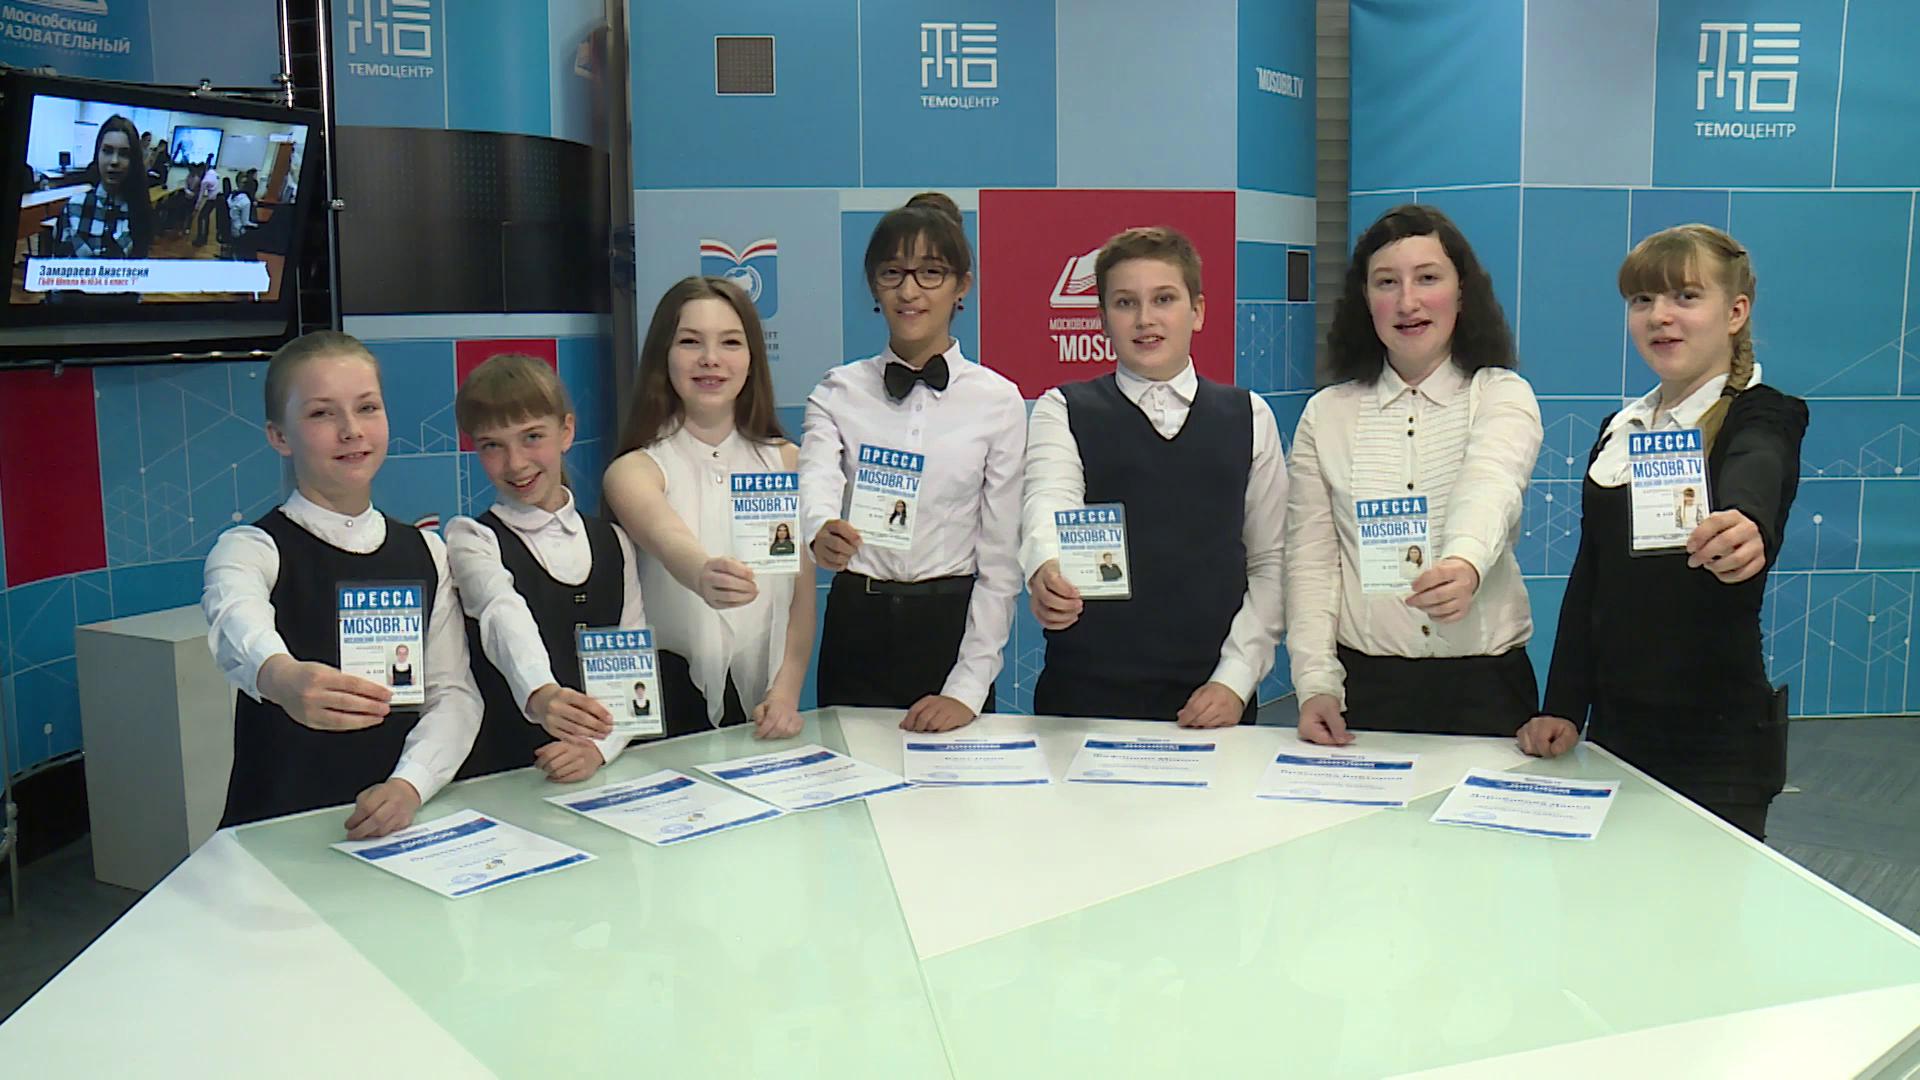 Итоги конкурса. Кружки и студии дополнительного  образования  в московских школах